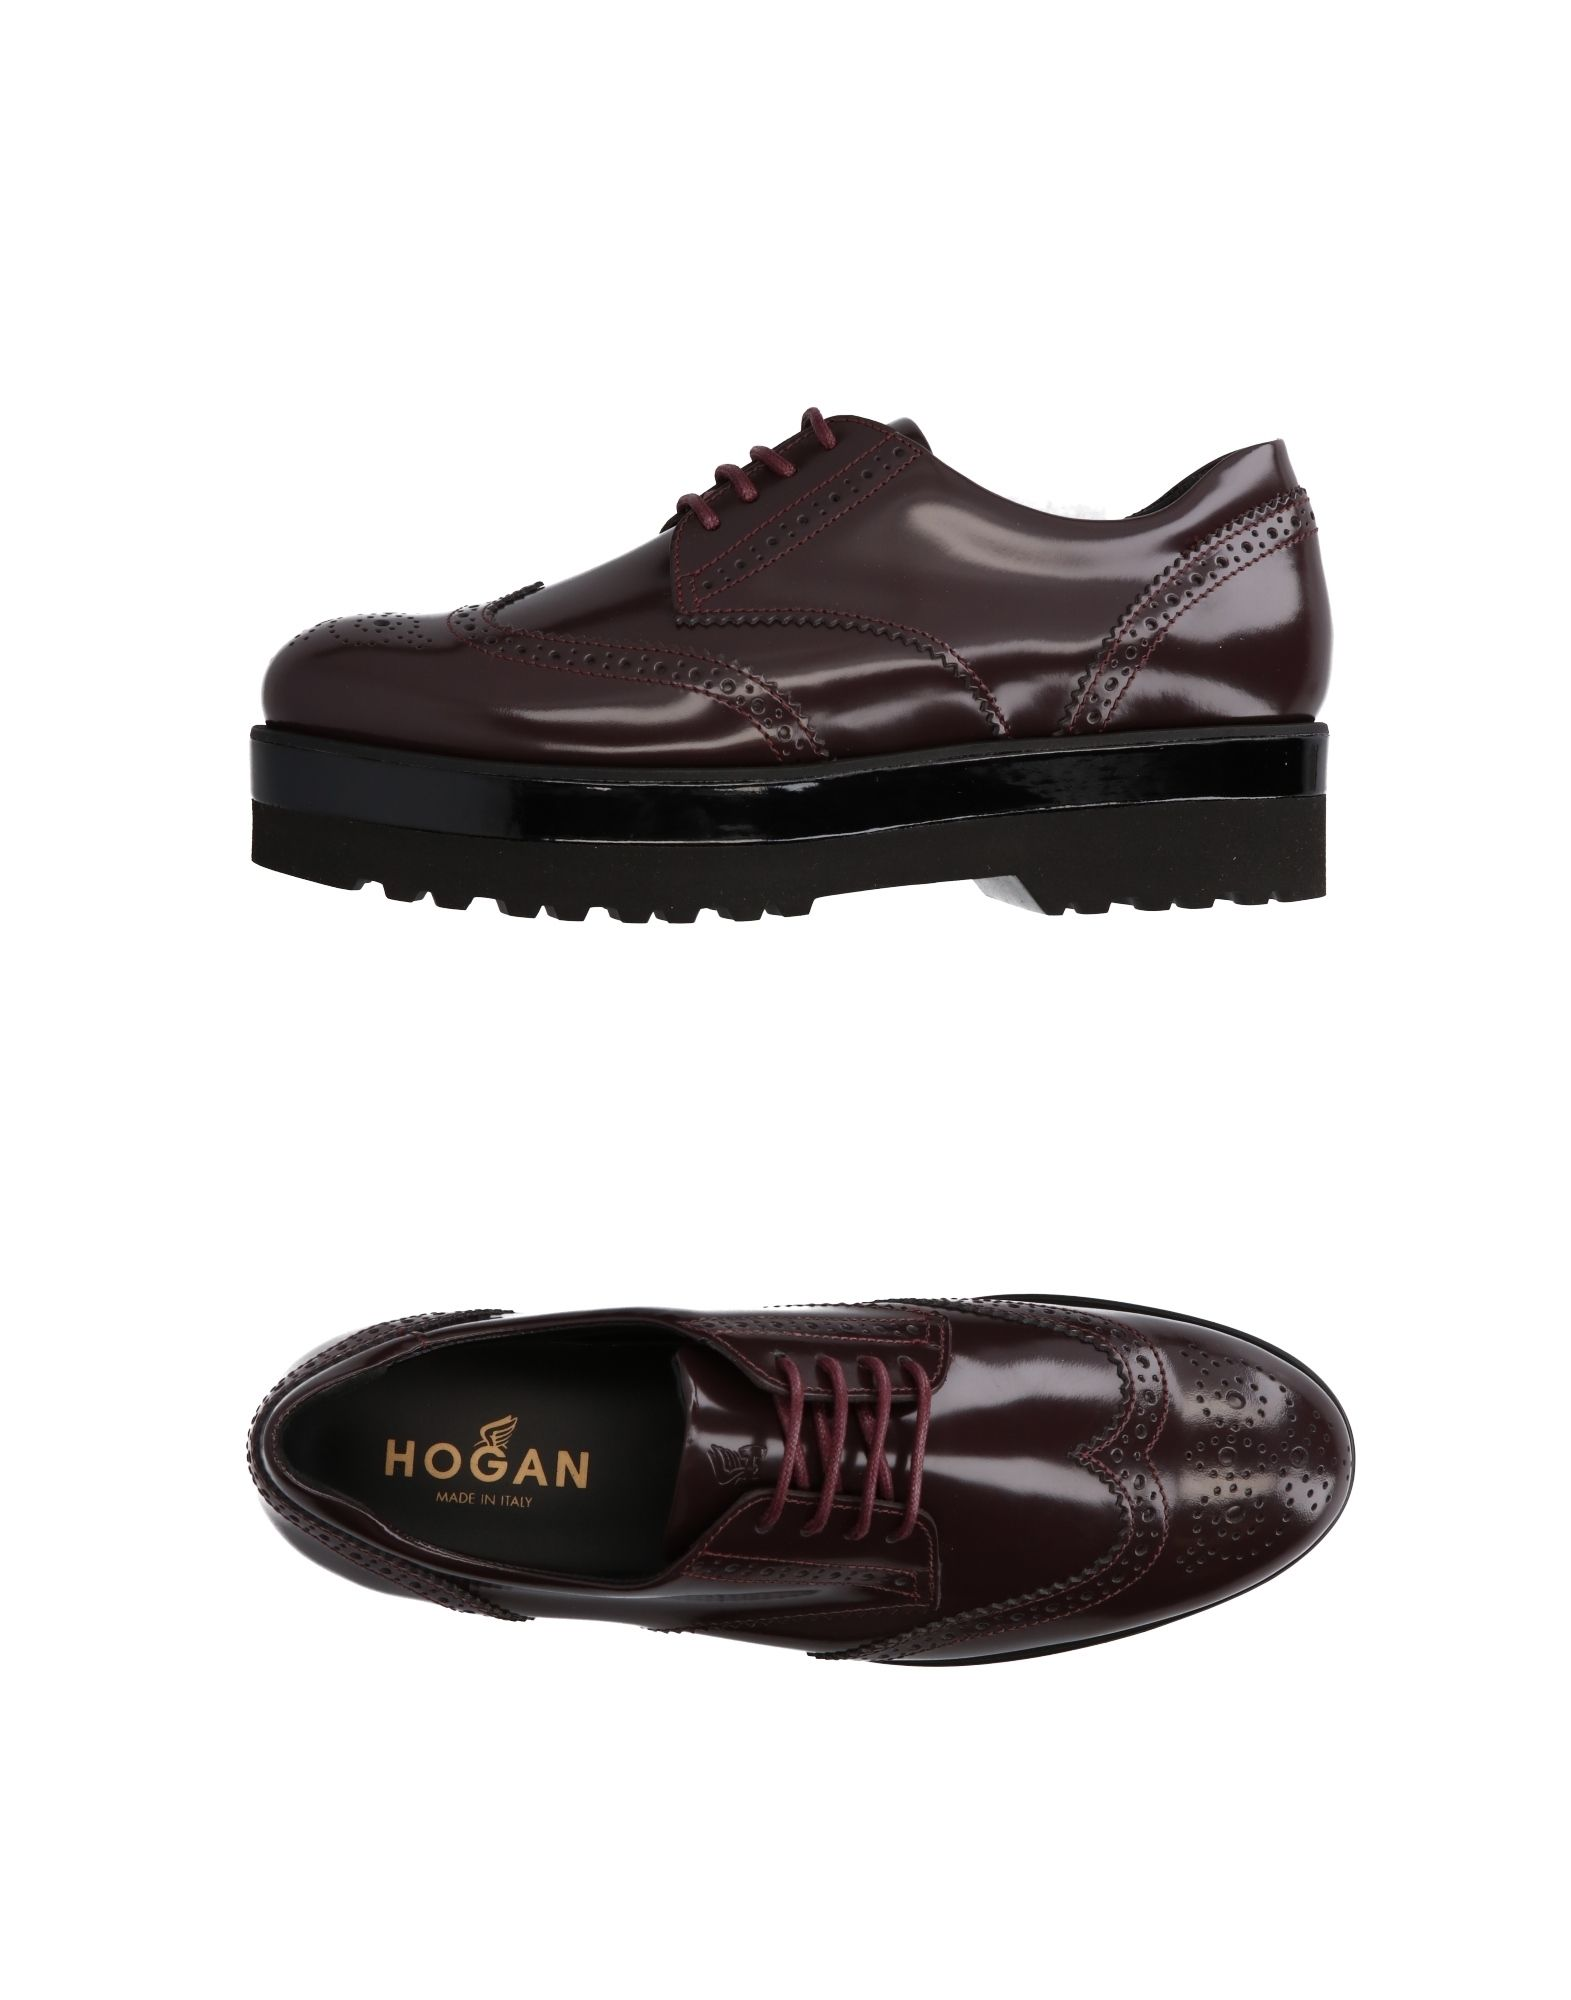 катерпиллер мужская обувь купить в москве